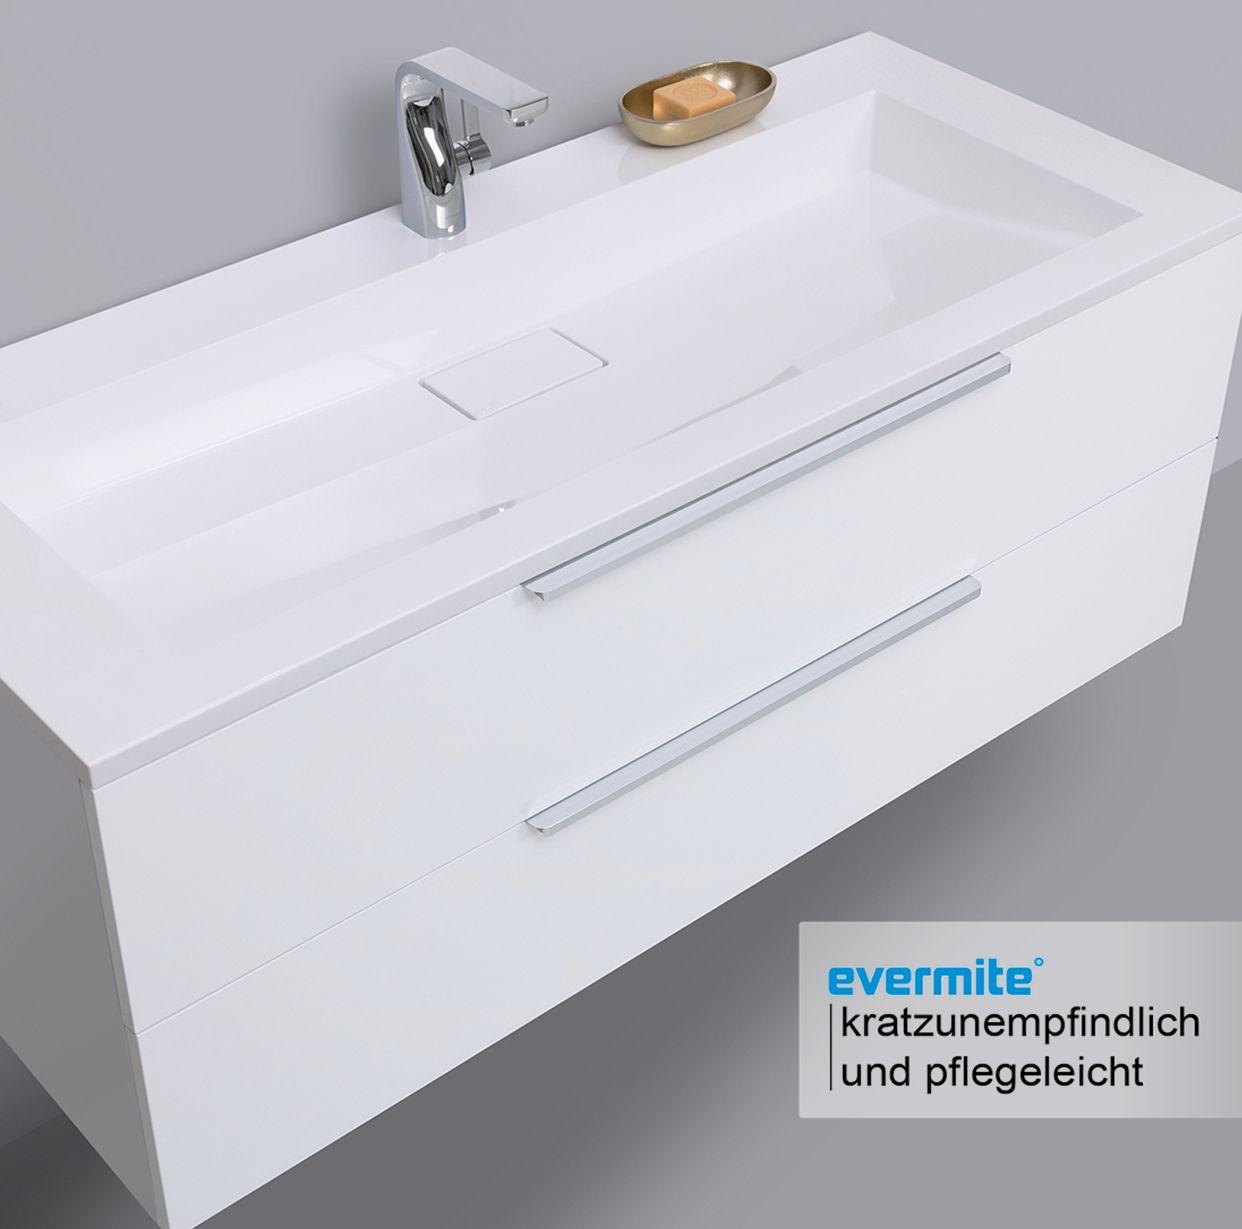 Design Badmobel Cubo 120 Cm Evermite Waschbecken Weiss Hochglanz Lack Waschbecken Badezimmerideen Waschtischunterschrank